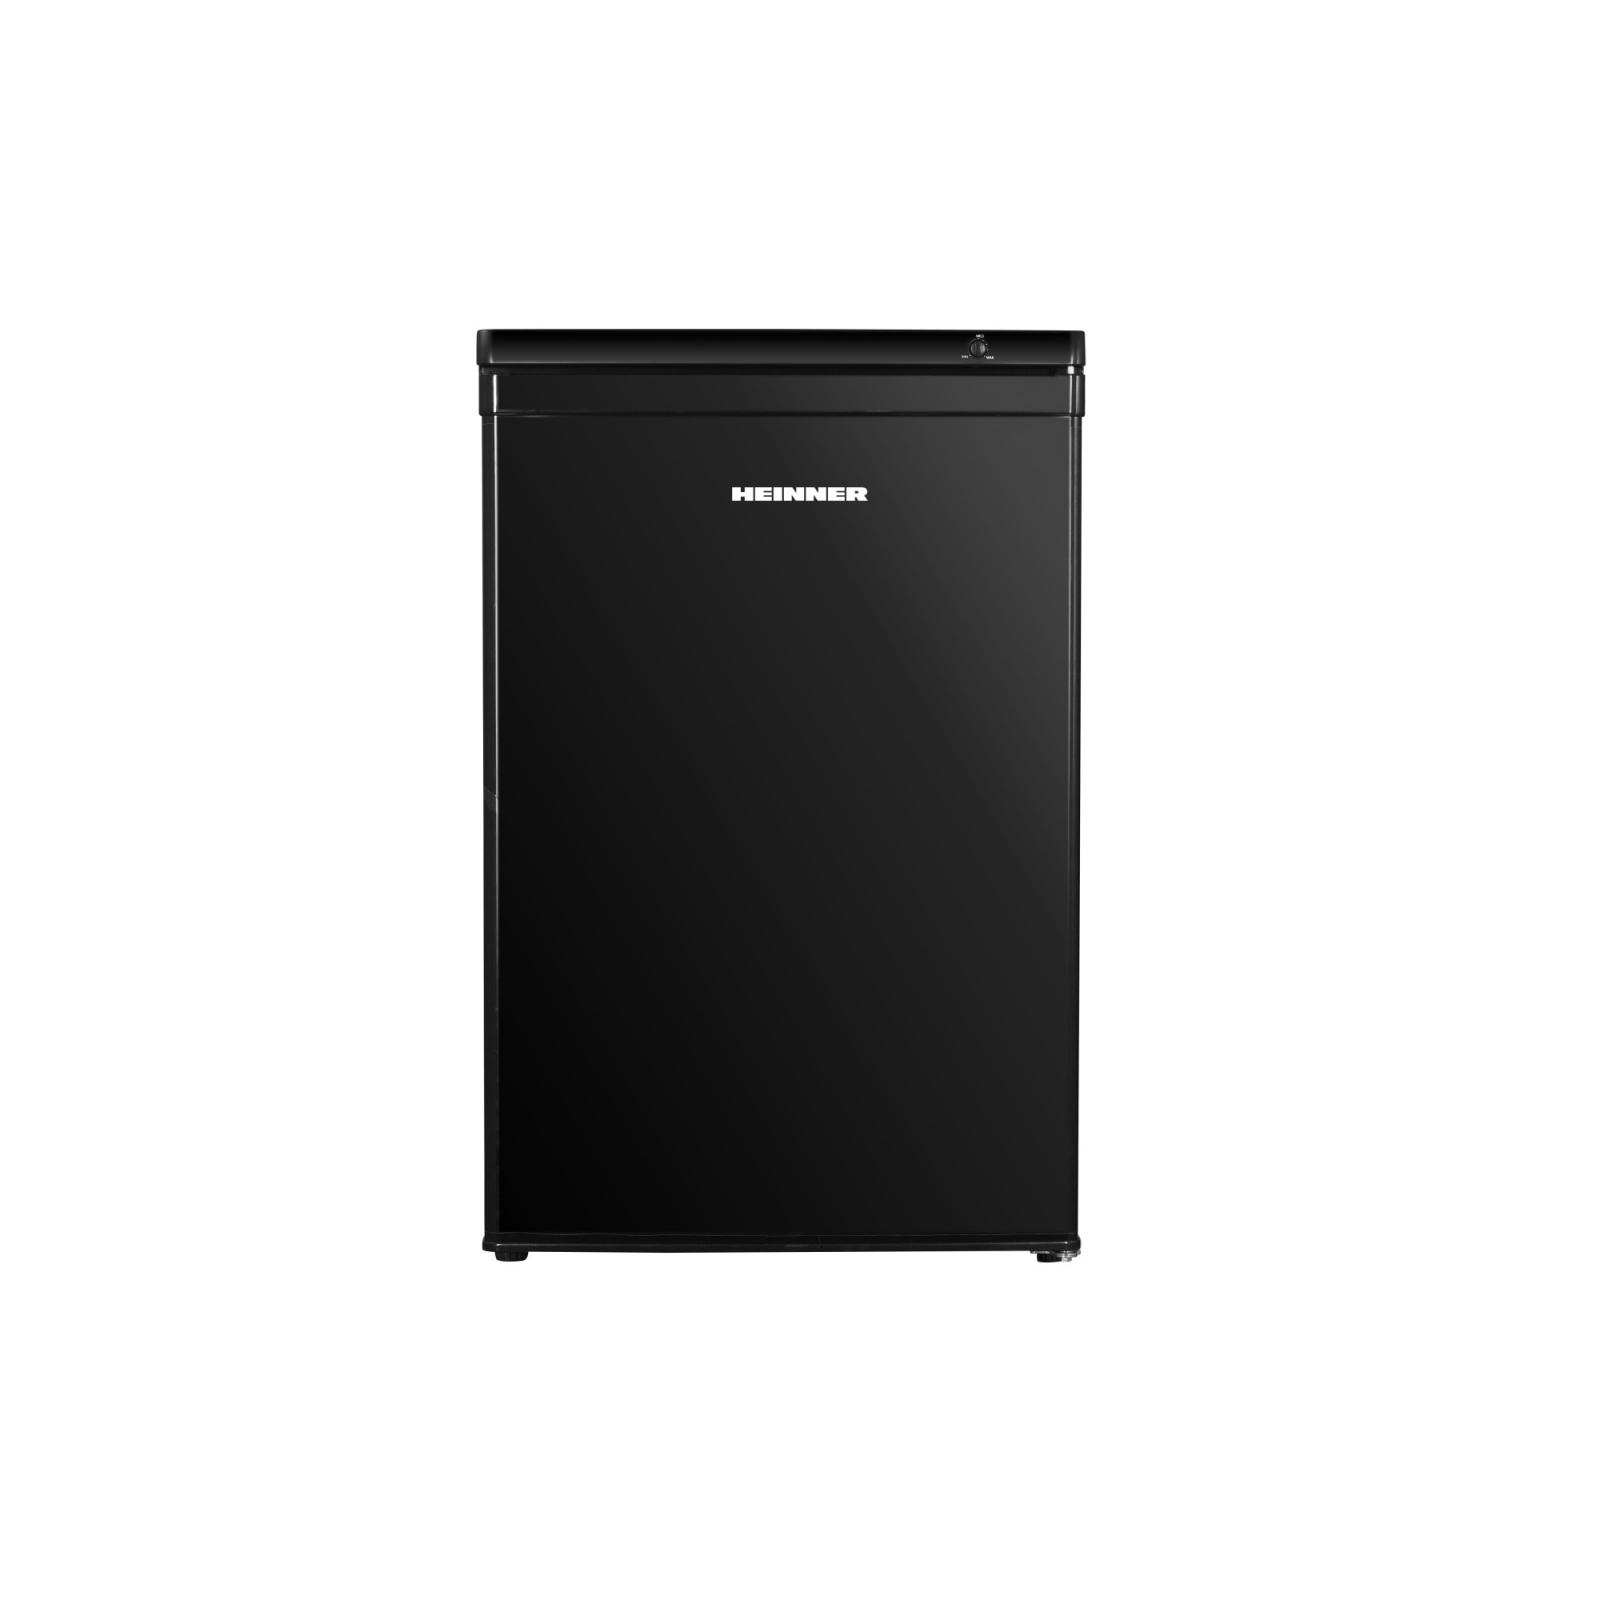 2566_congelator-heinner-hff-91hbkf-84-l-4-sertare-clasa-a-control-mecanic-h-85-cm-negru-41838-807449.jpg